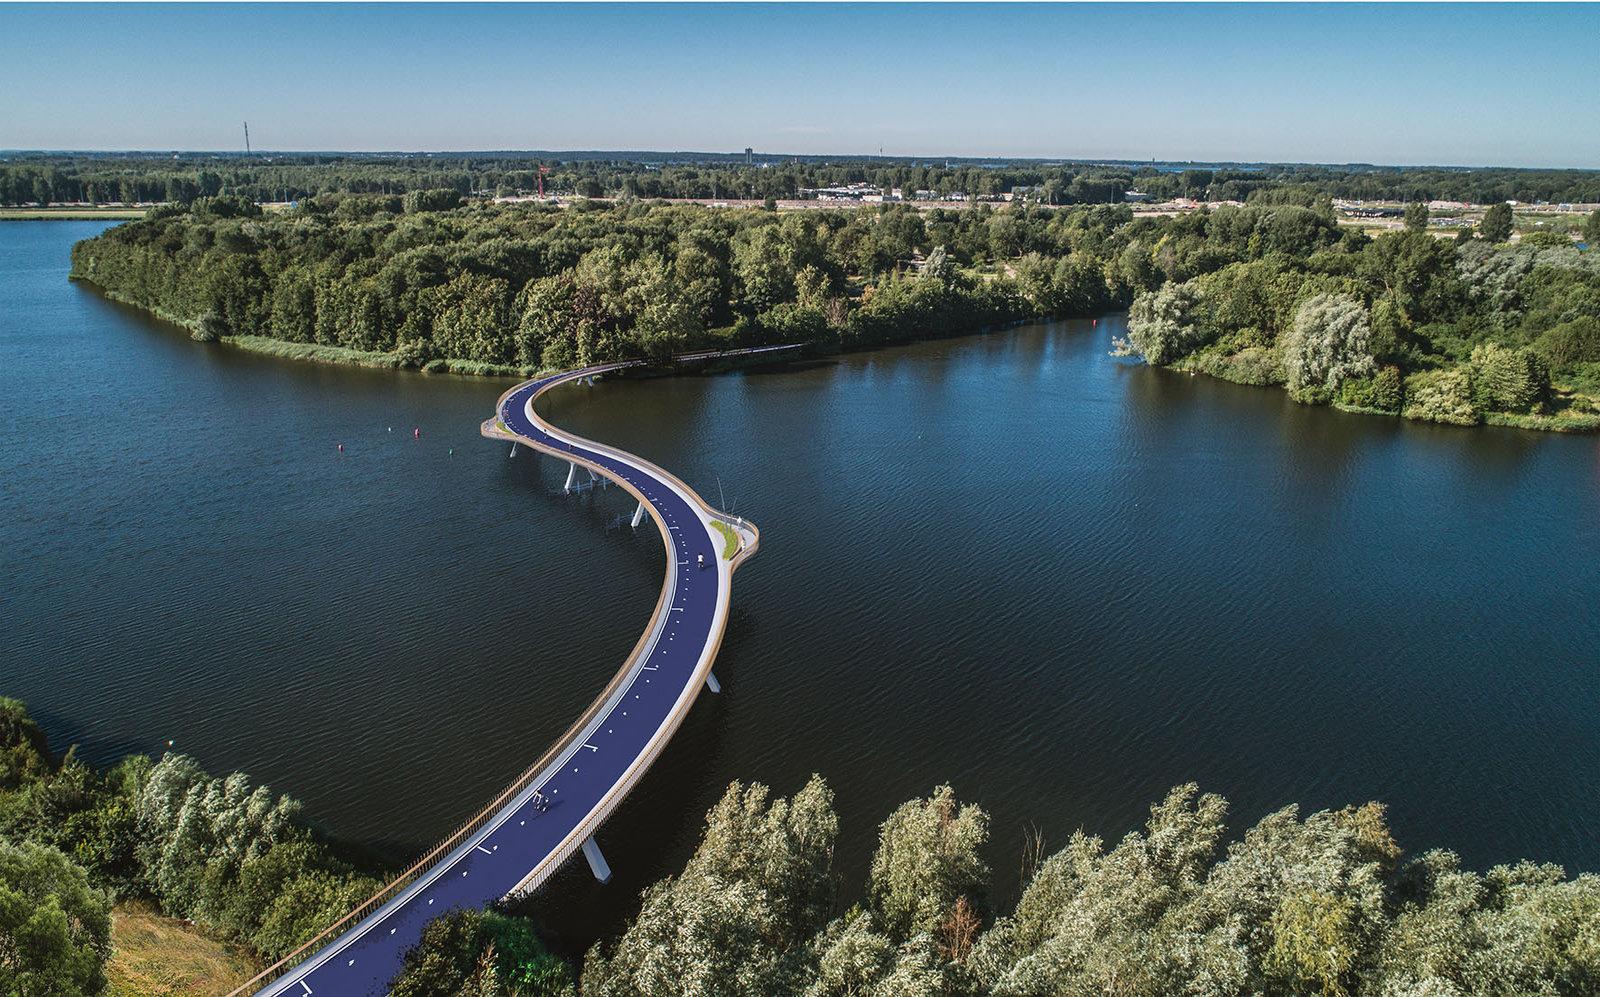 2018 09 28 Weerwaterbrug plan B